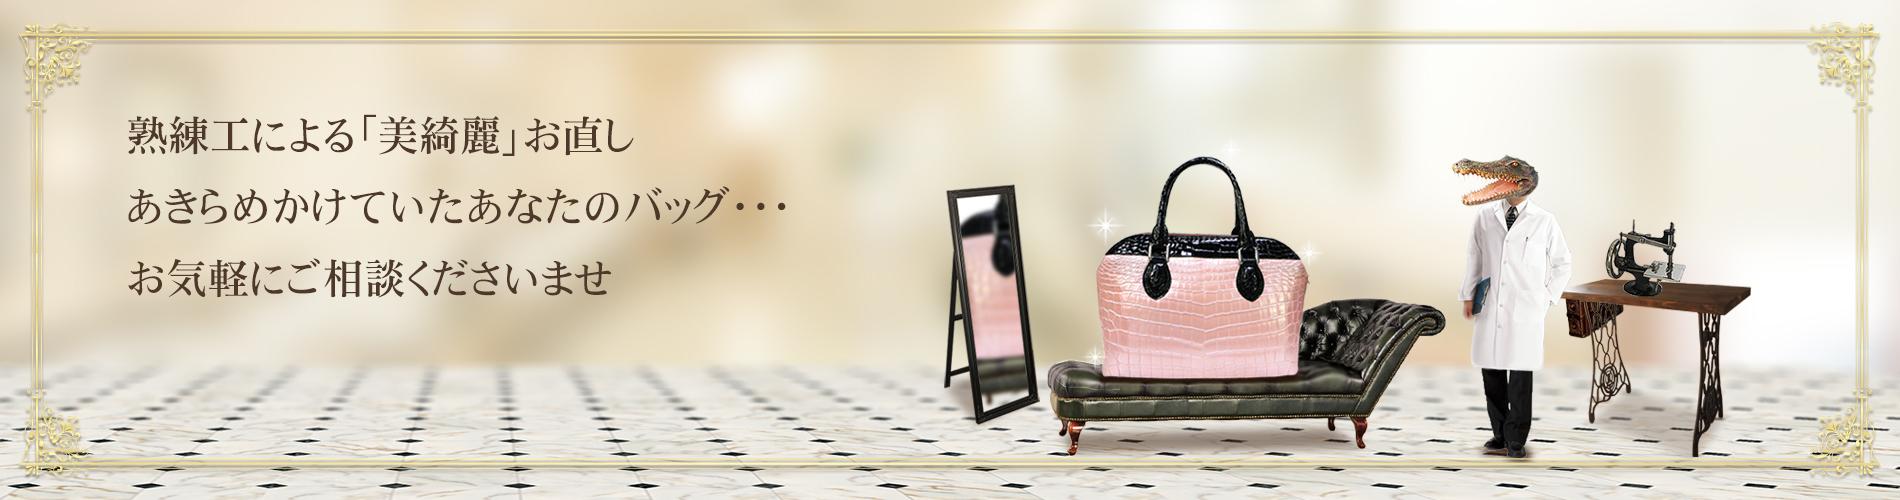 バッグ修理は専門店のプリマベーラへお任せください。